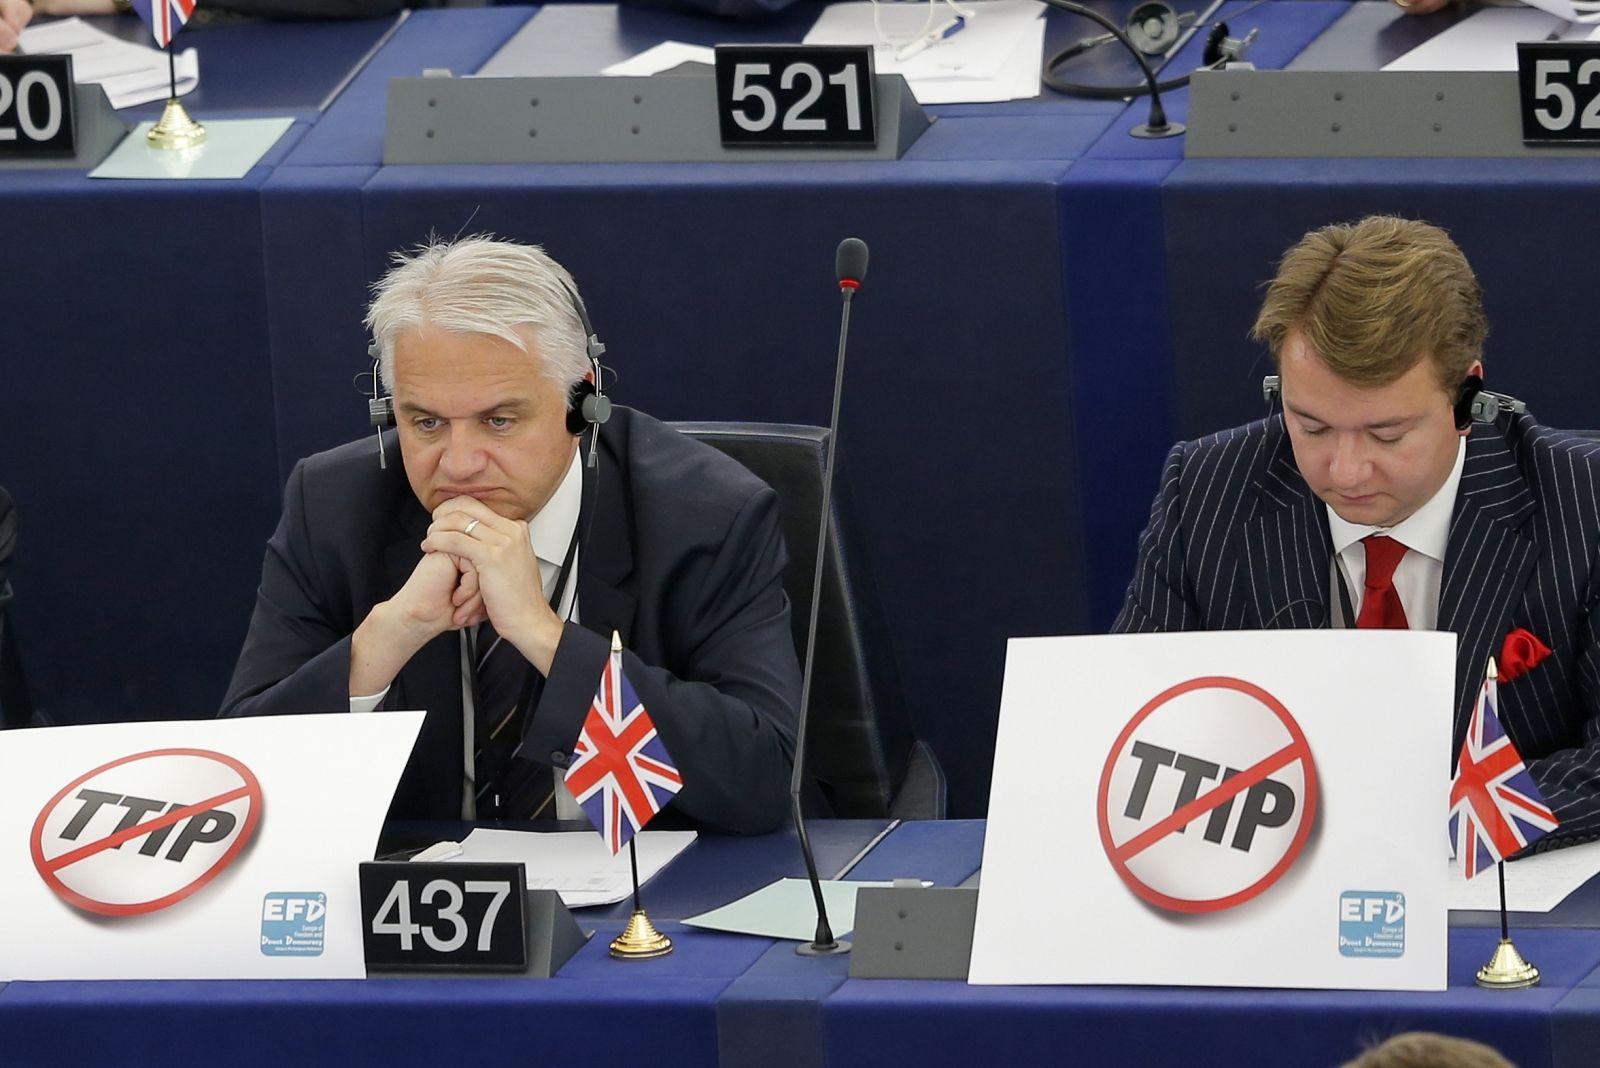 TTIP vote suspended